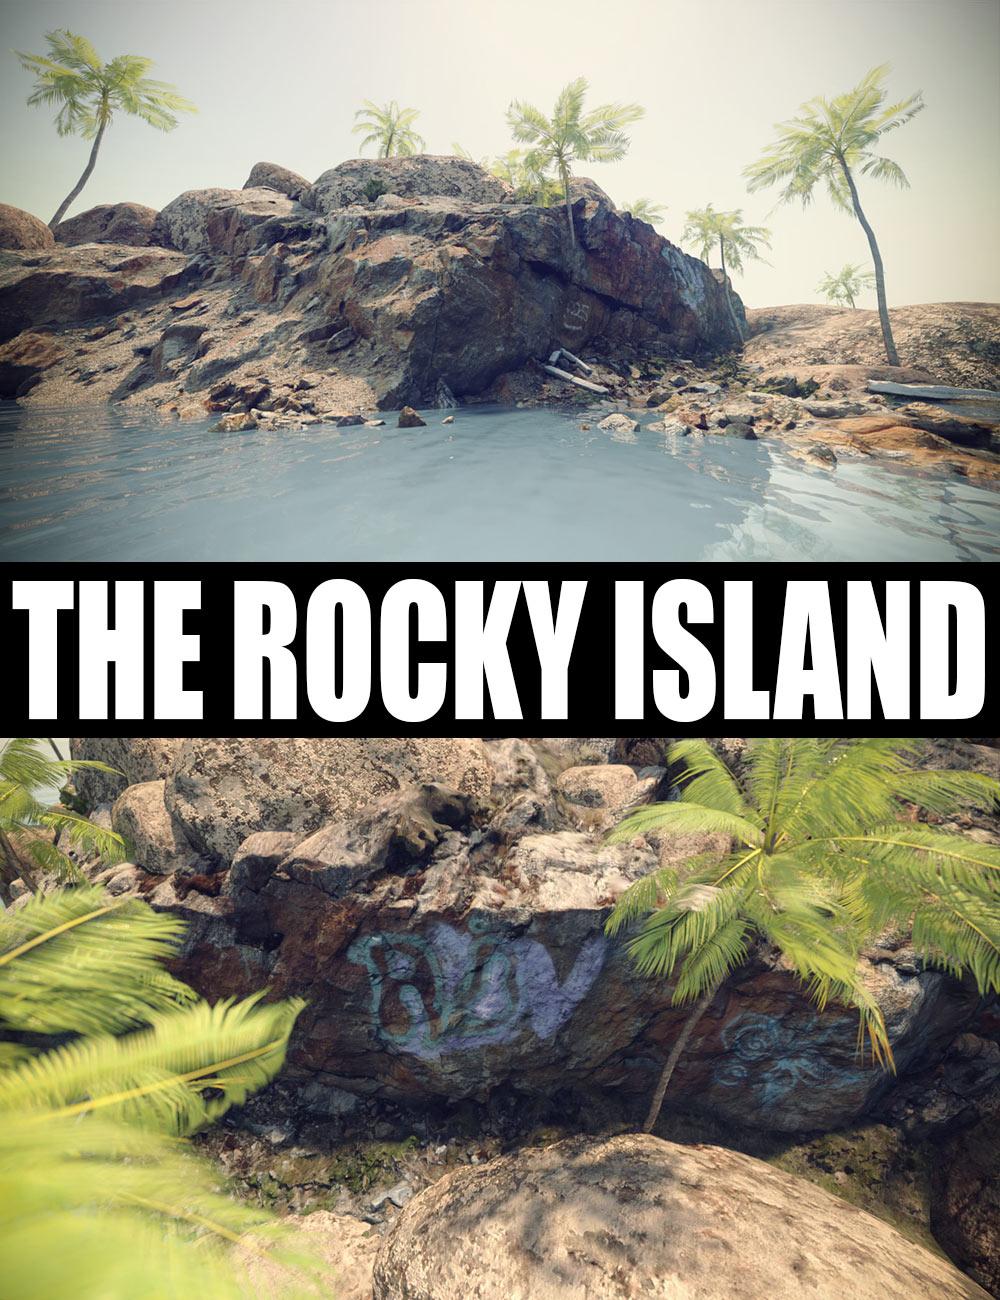 The Rocky Island by: Dreamlight, 3D Models by Daz 3D